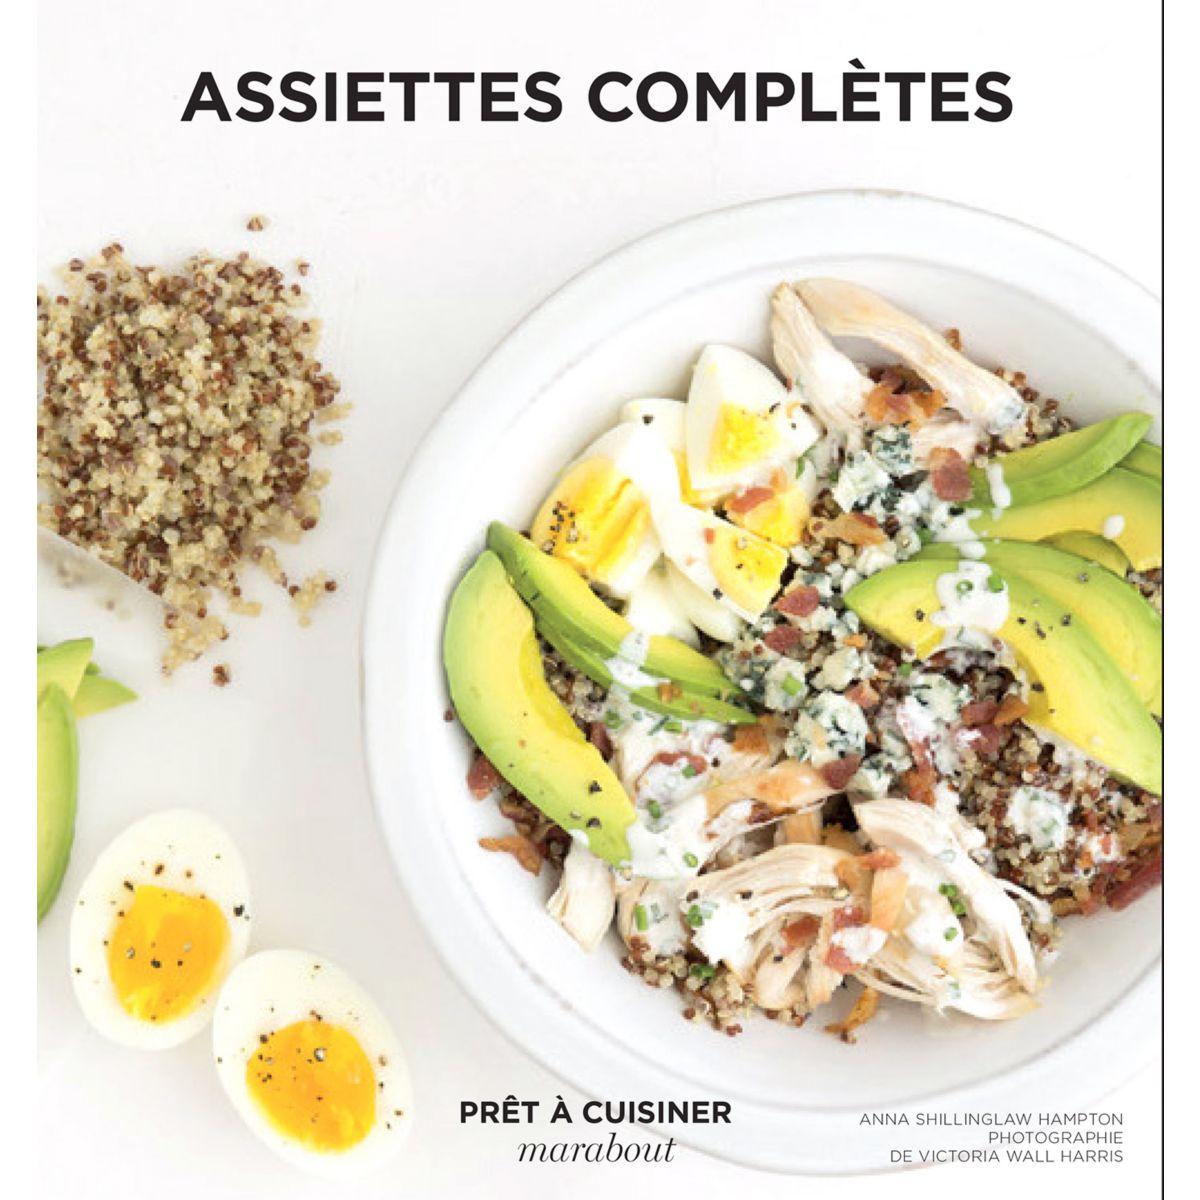 Livre marabout assiettes completes - la sélection webdistrib.com (photo)